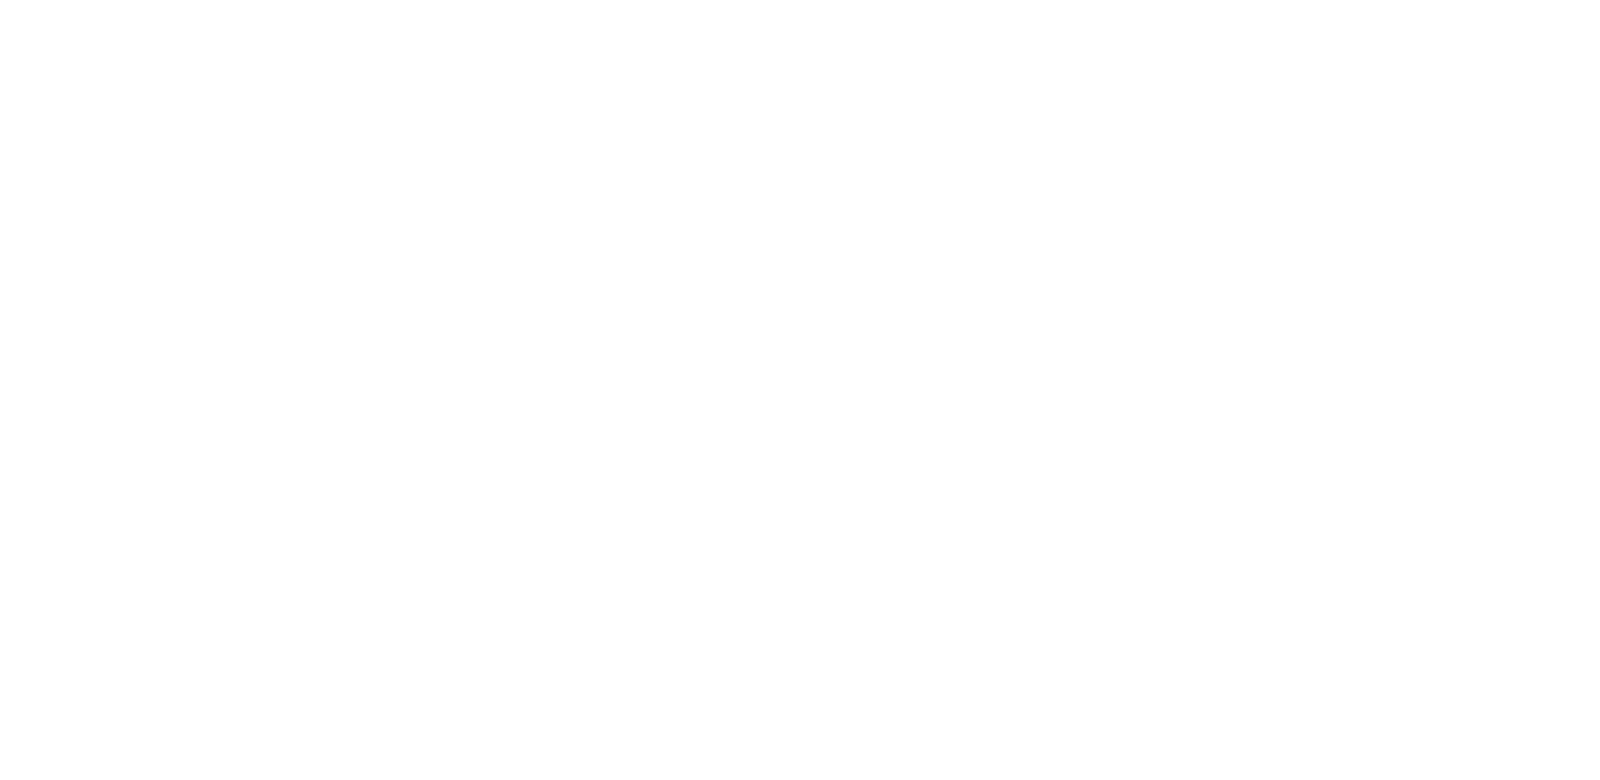 前往移動版 到府按摩博客的透明圖標